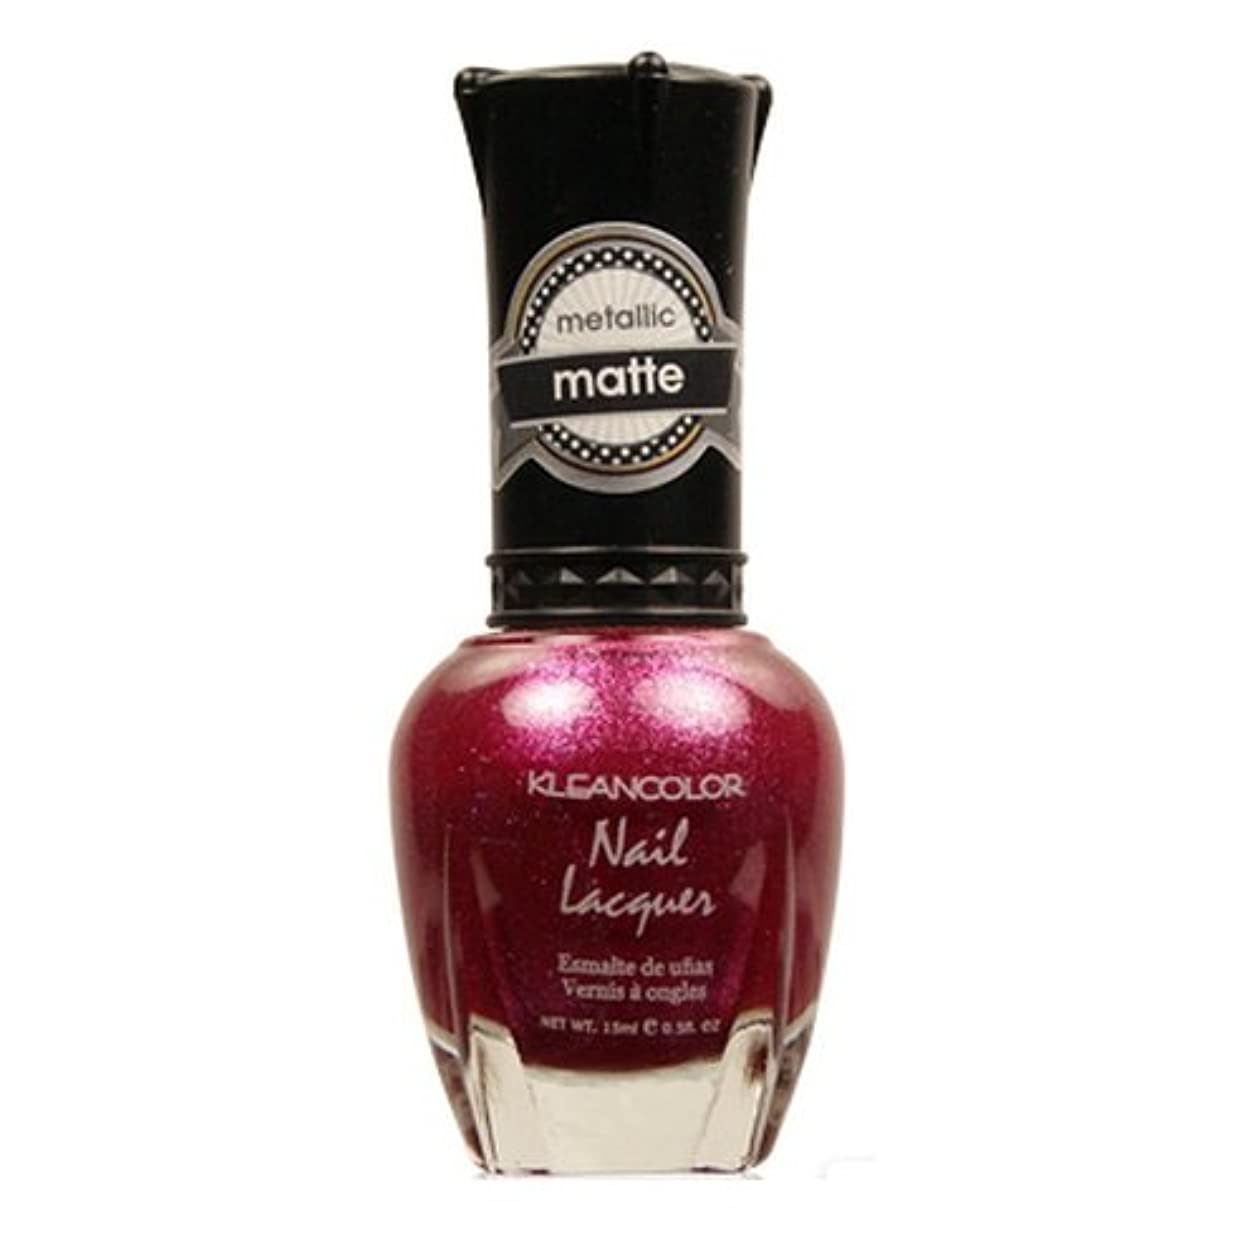 リダクターホステスバケットKLEANCOLOR Matte Nail Lacquer - Cast a Love Spell (並行輸入品)